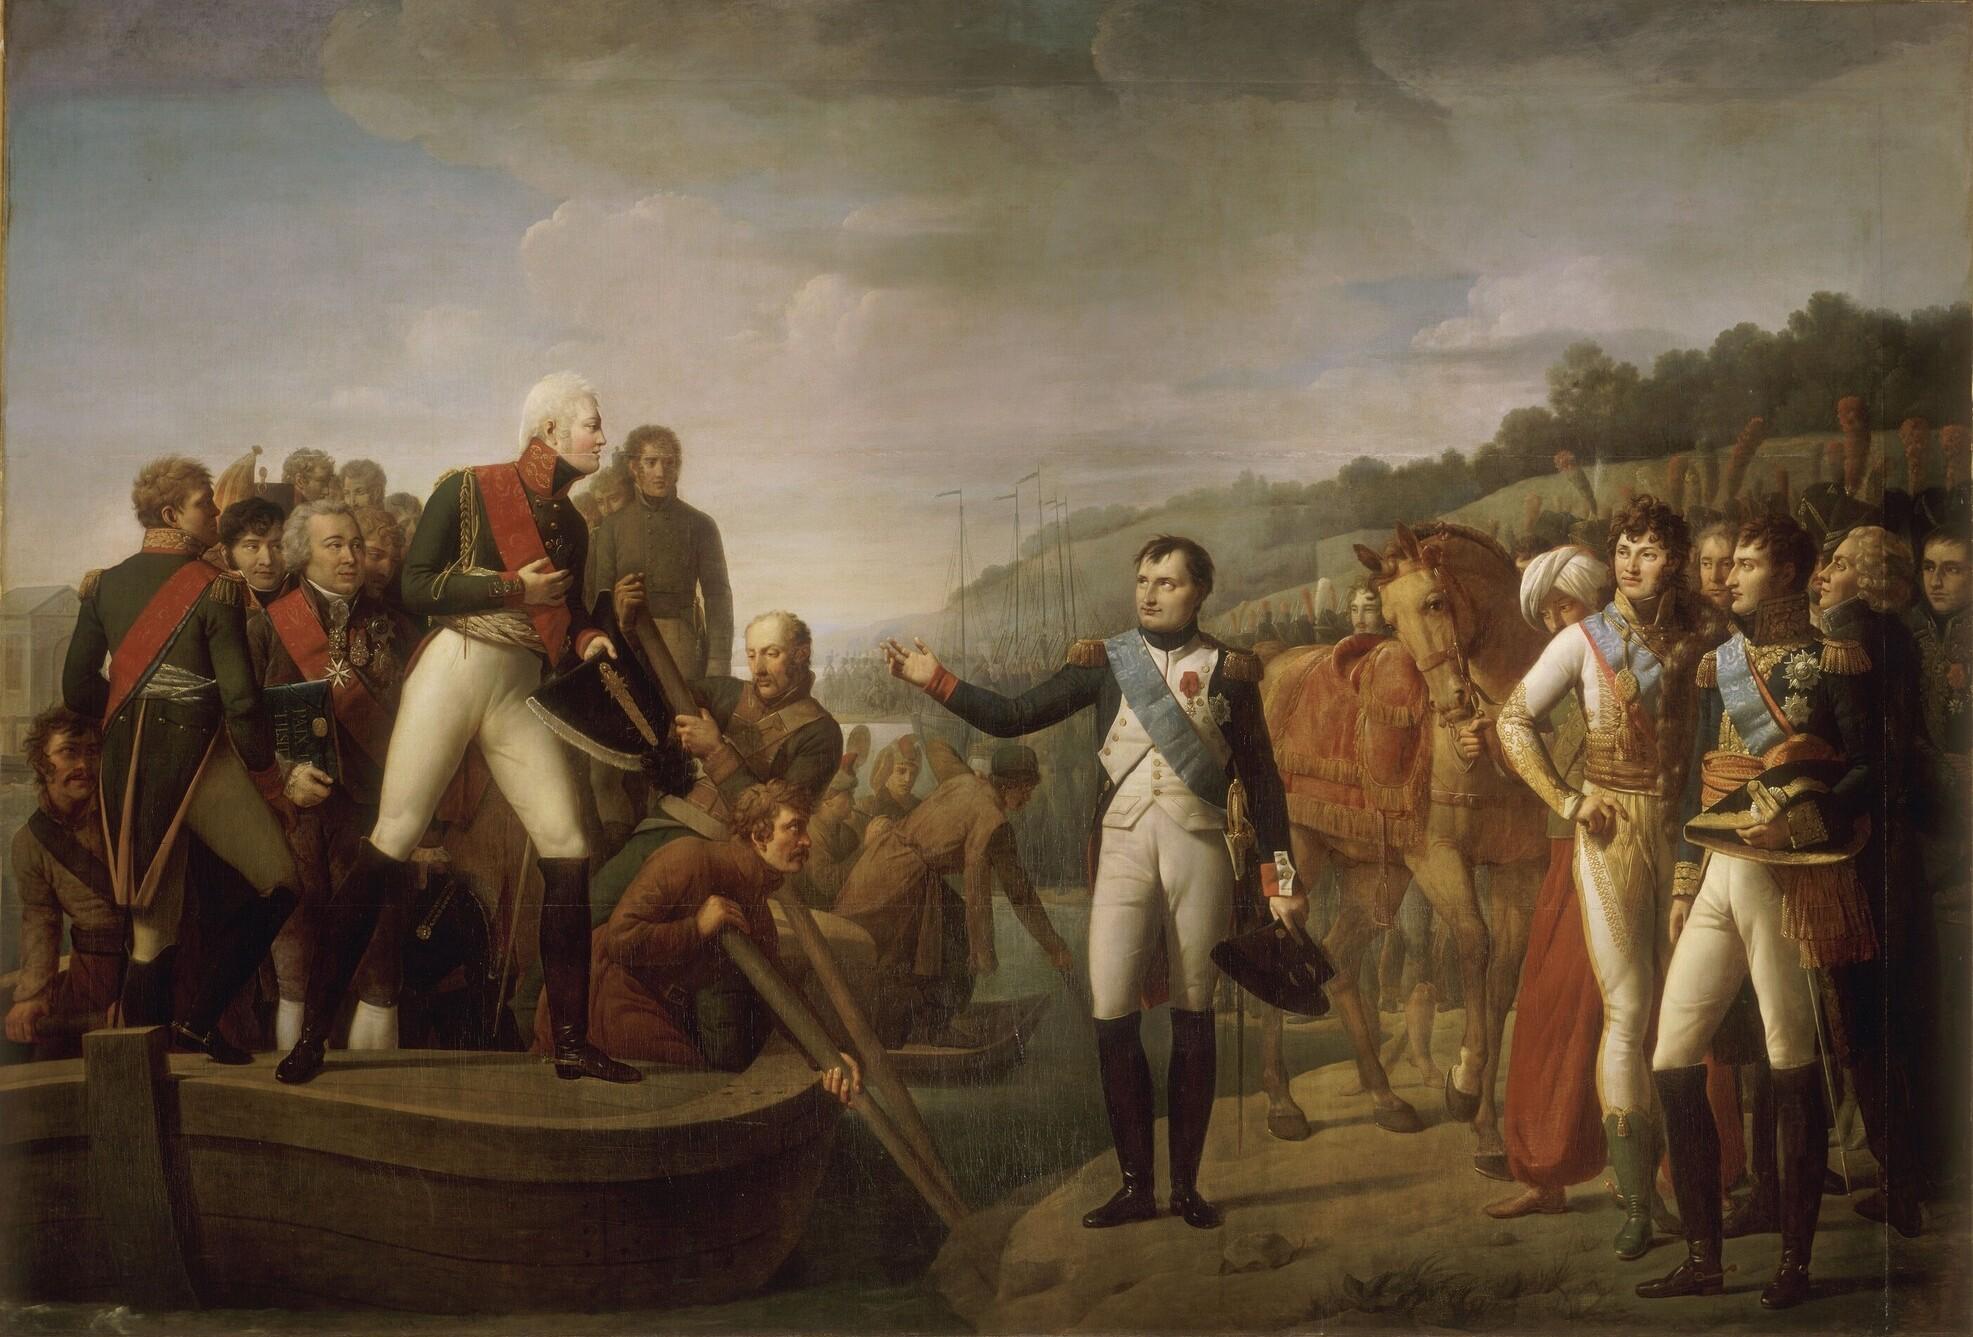 Ο Ναπολέων αποχαιρετά τον Αλέξανδρο (Τιλσίτ, 1807). Οι δυο αυτοκράτορες έχουν ανταλλάξει εμβλήματα σε ένδειξη της συμμαχίας τους. Διακρίνονται οι χρωματιστές κορδέλες (μπλε: Αγ. Ανδρέα, κόκκινη: Λεγεώνα της Τιμής) από τις οποίες κρέμονται στο πλάι τα εμβλήματα των Ταγμάτων τους.